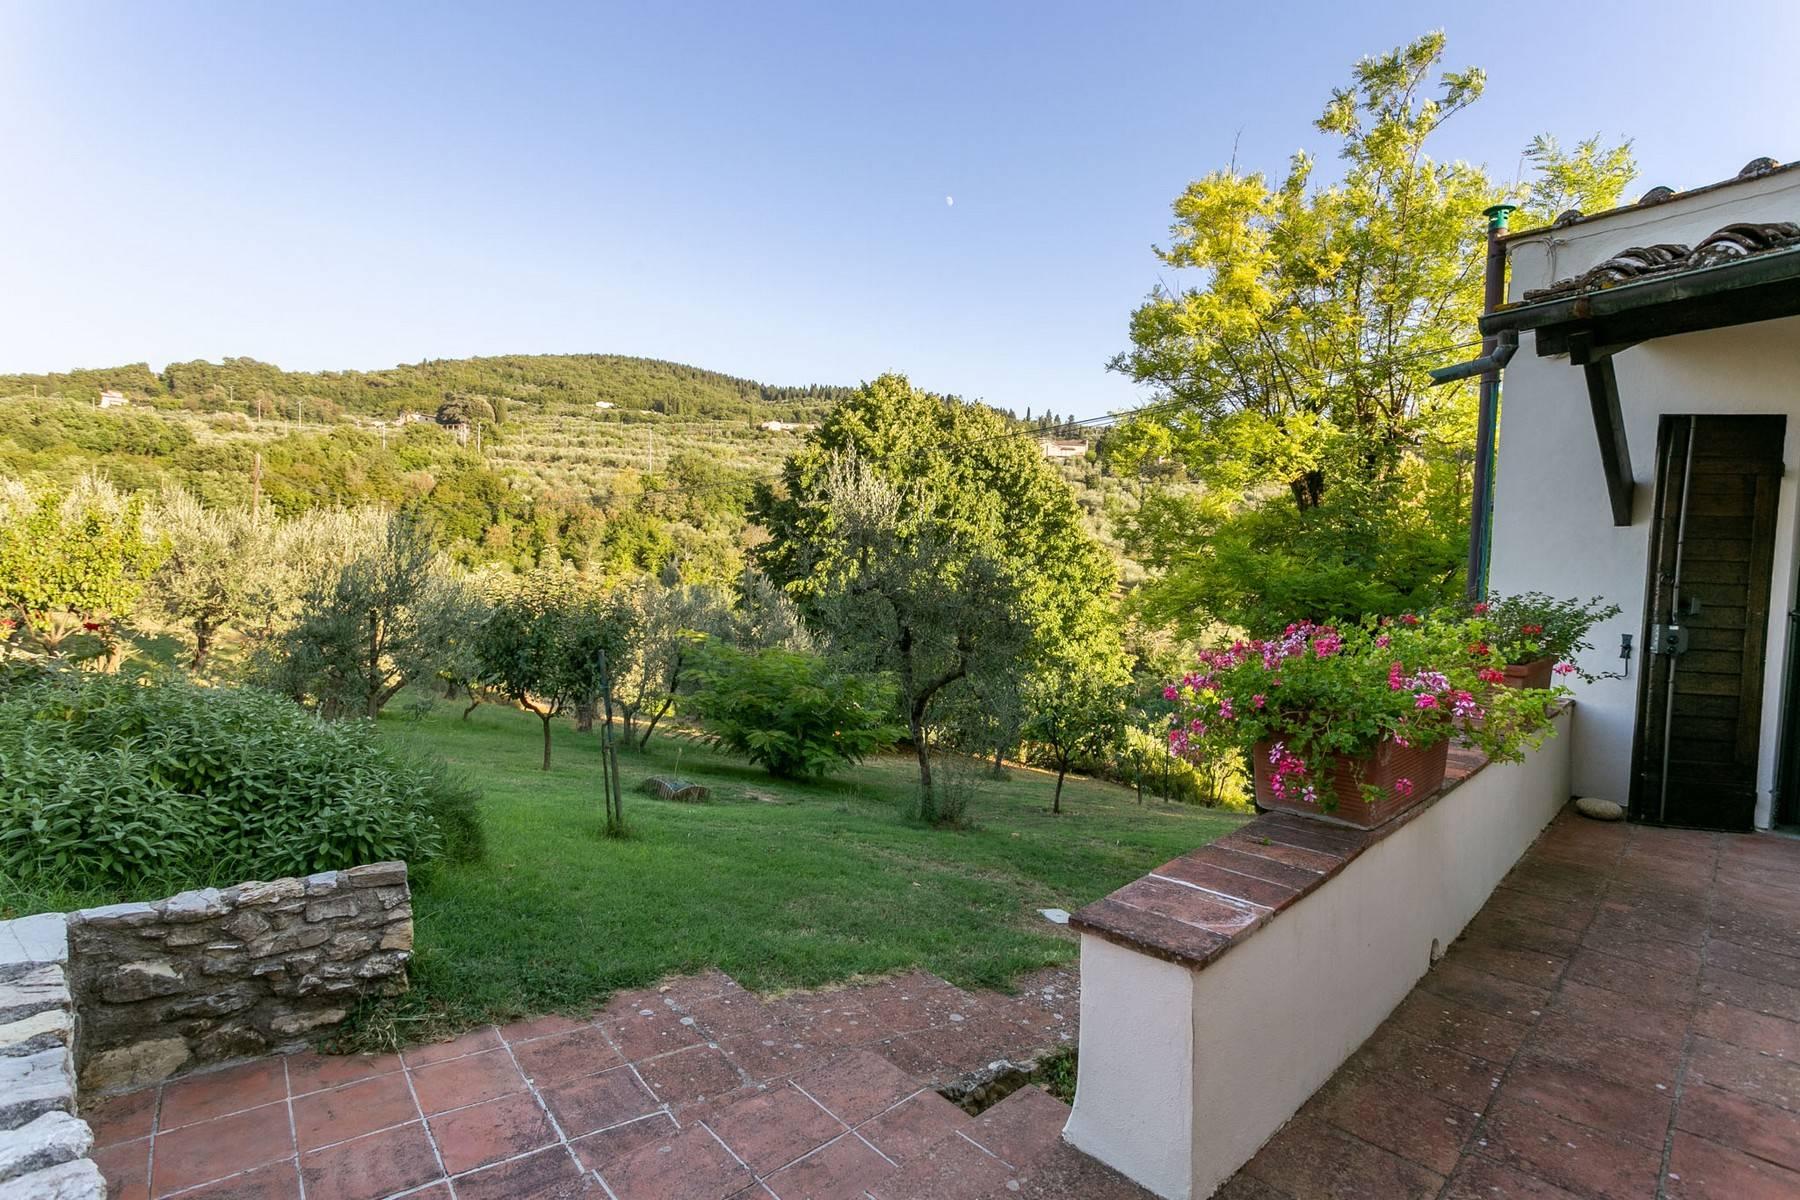 Villa in Vendita a Bagno A Ripoli: 5 locali, 240 mq - Foto 19